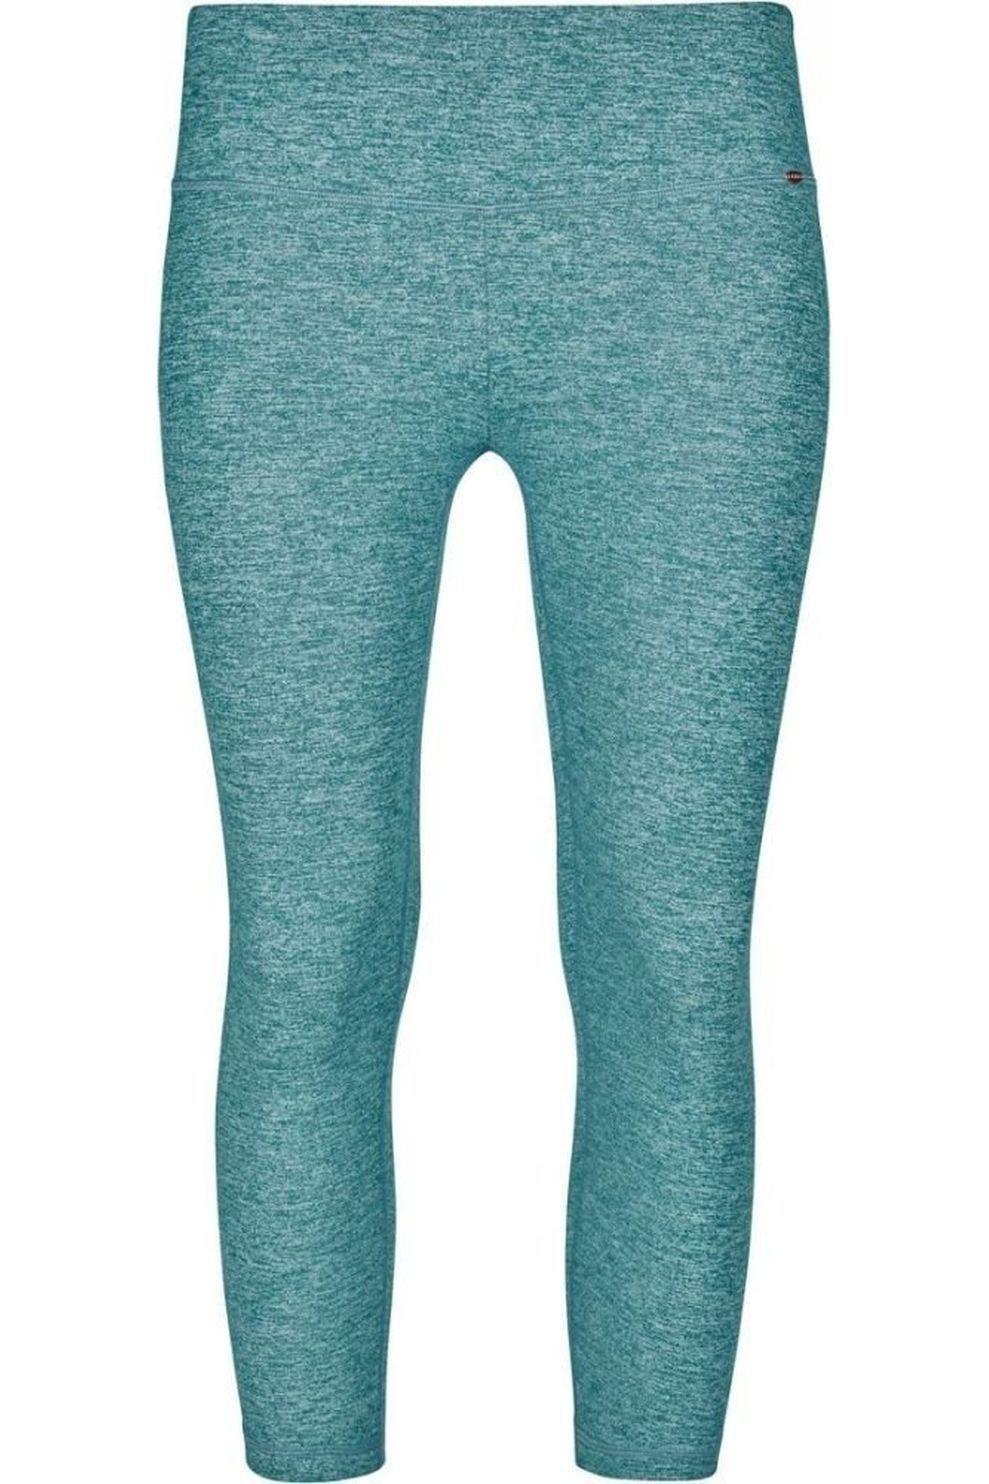 Skiny Capri Yoga&relax Leggings 3/4 voor dames - Blauw - Maat: 38